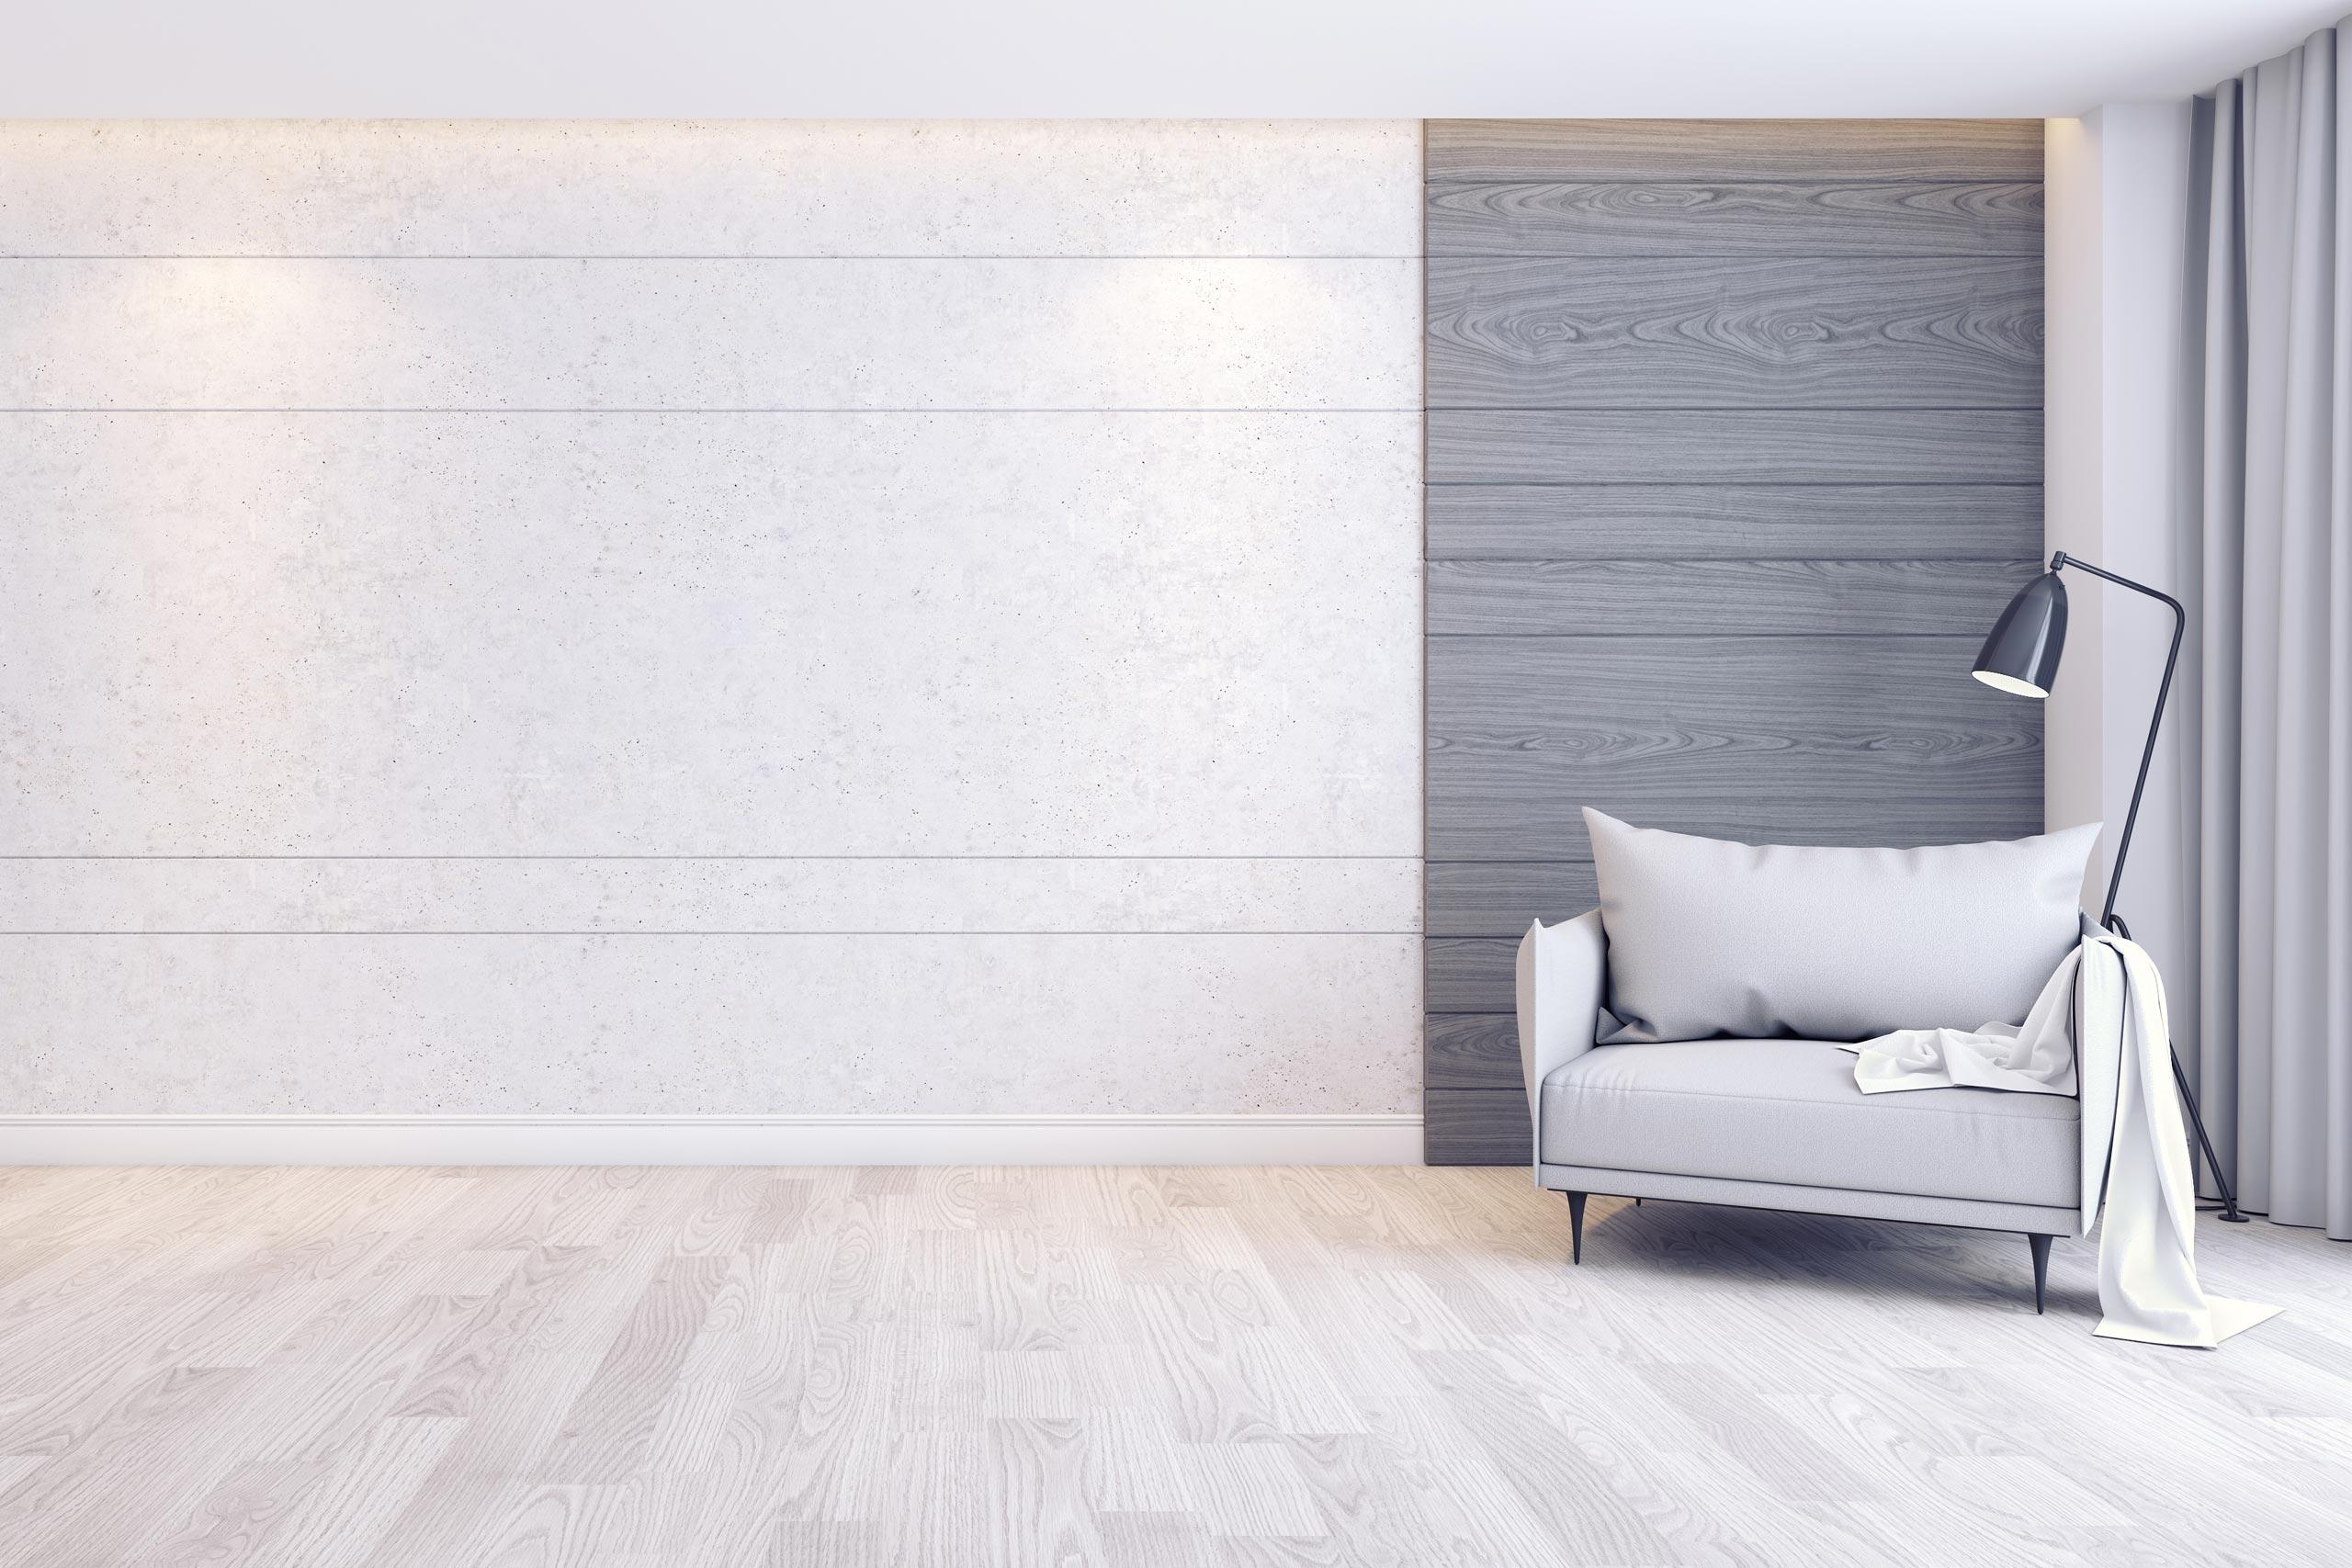 Серый фон для фотошопа комната с креслом и светильником у стены.